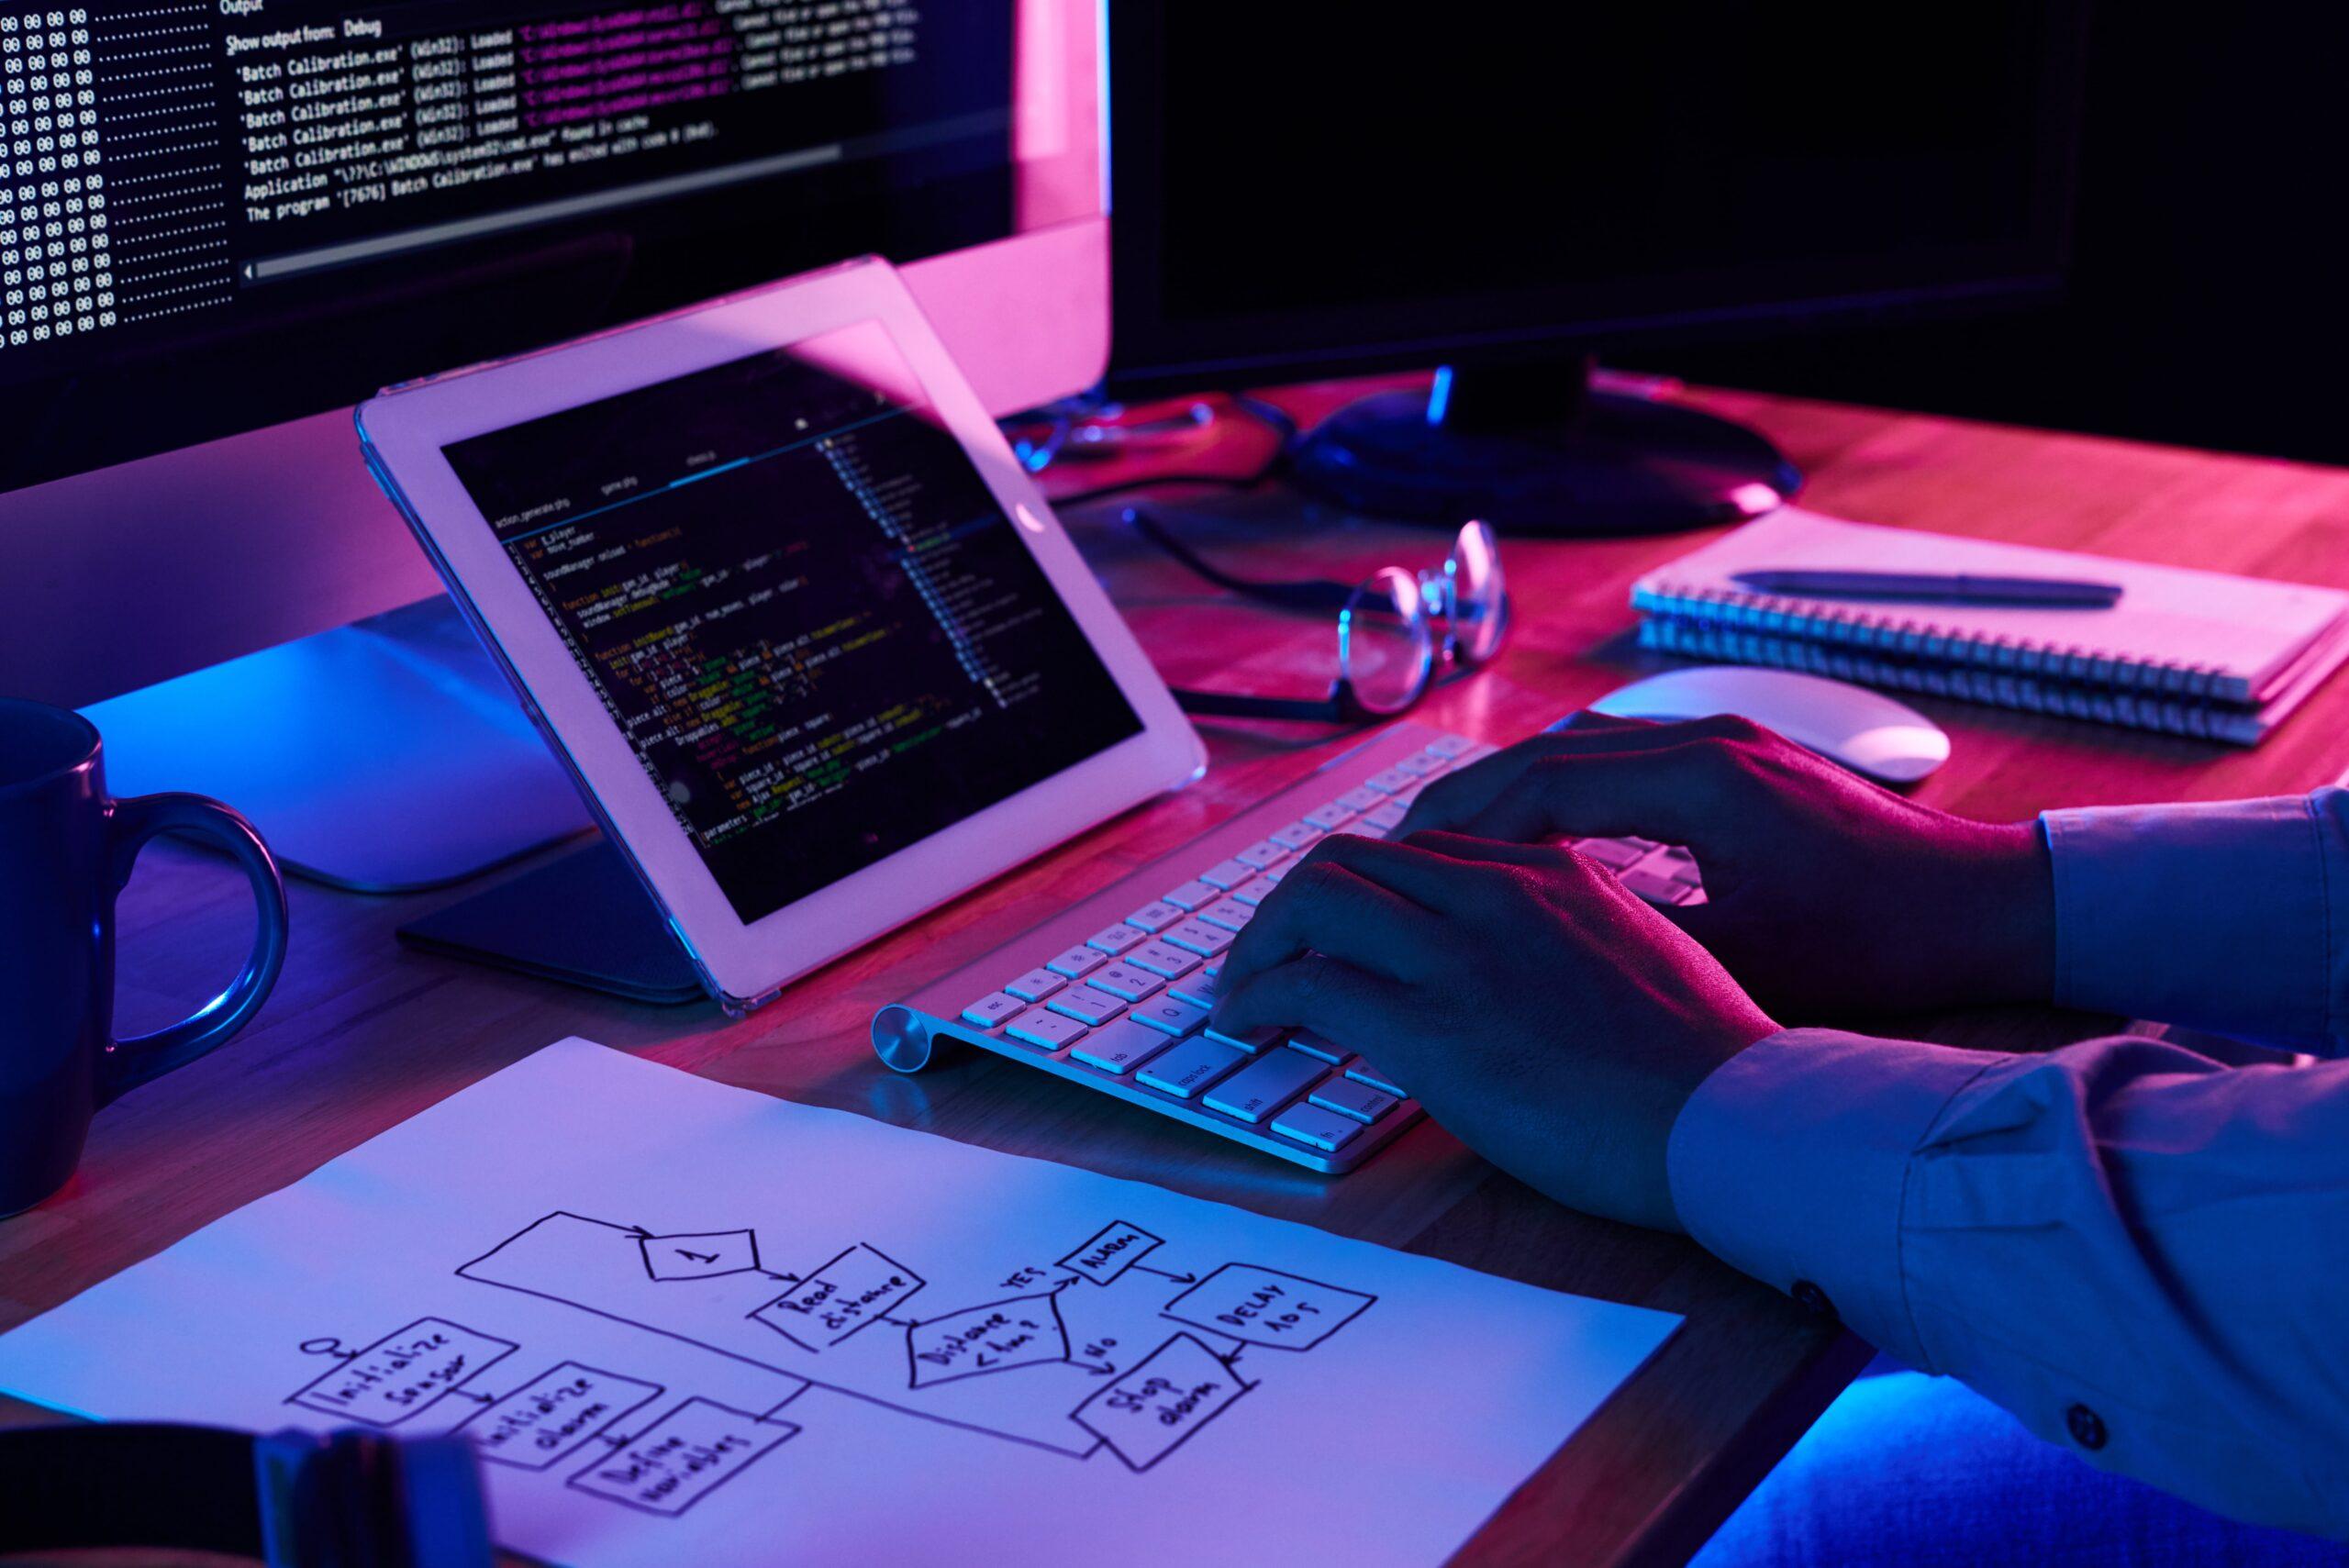 Wdrożenie komputera w chmurze w firmie programistycznej